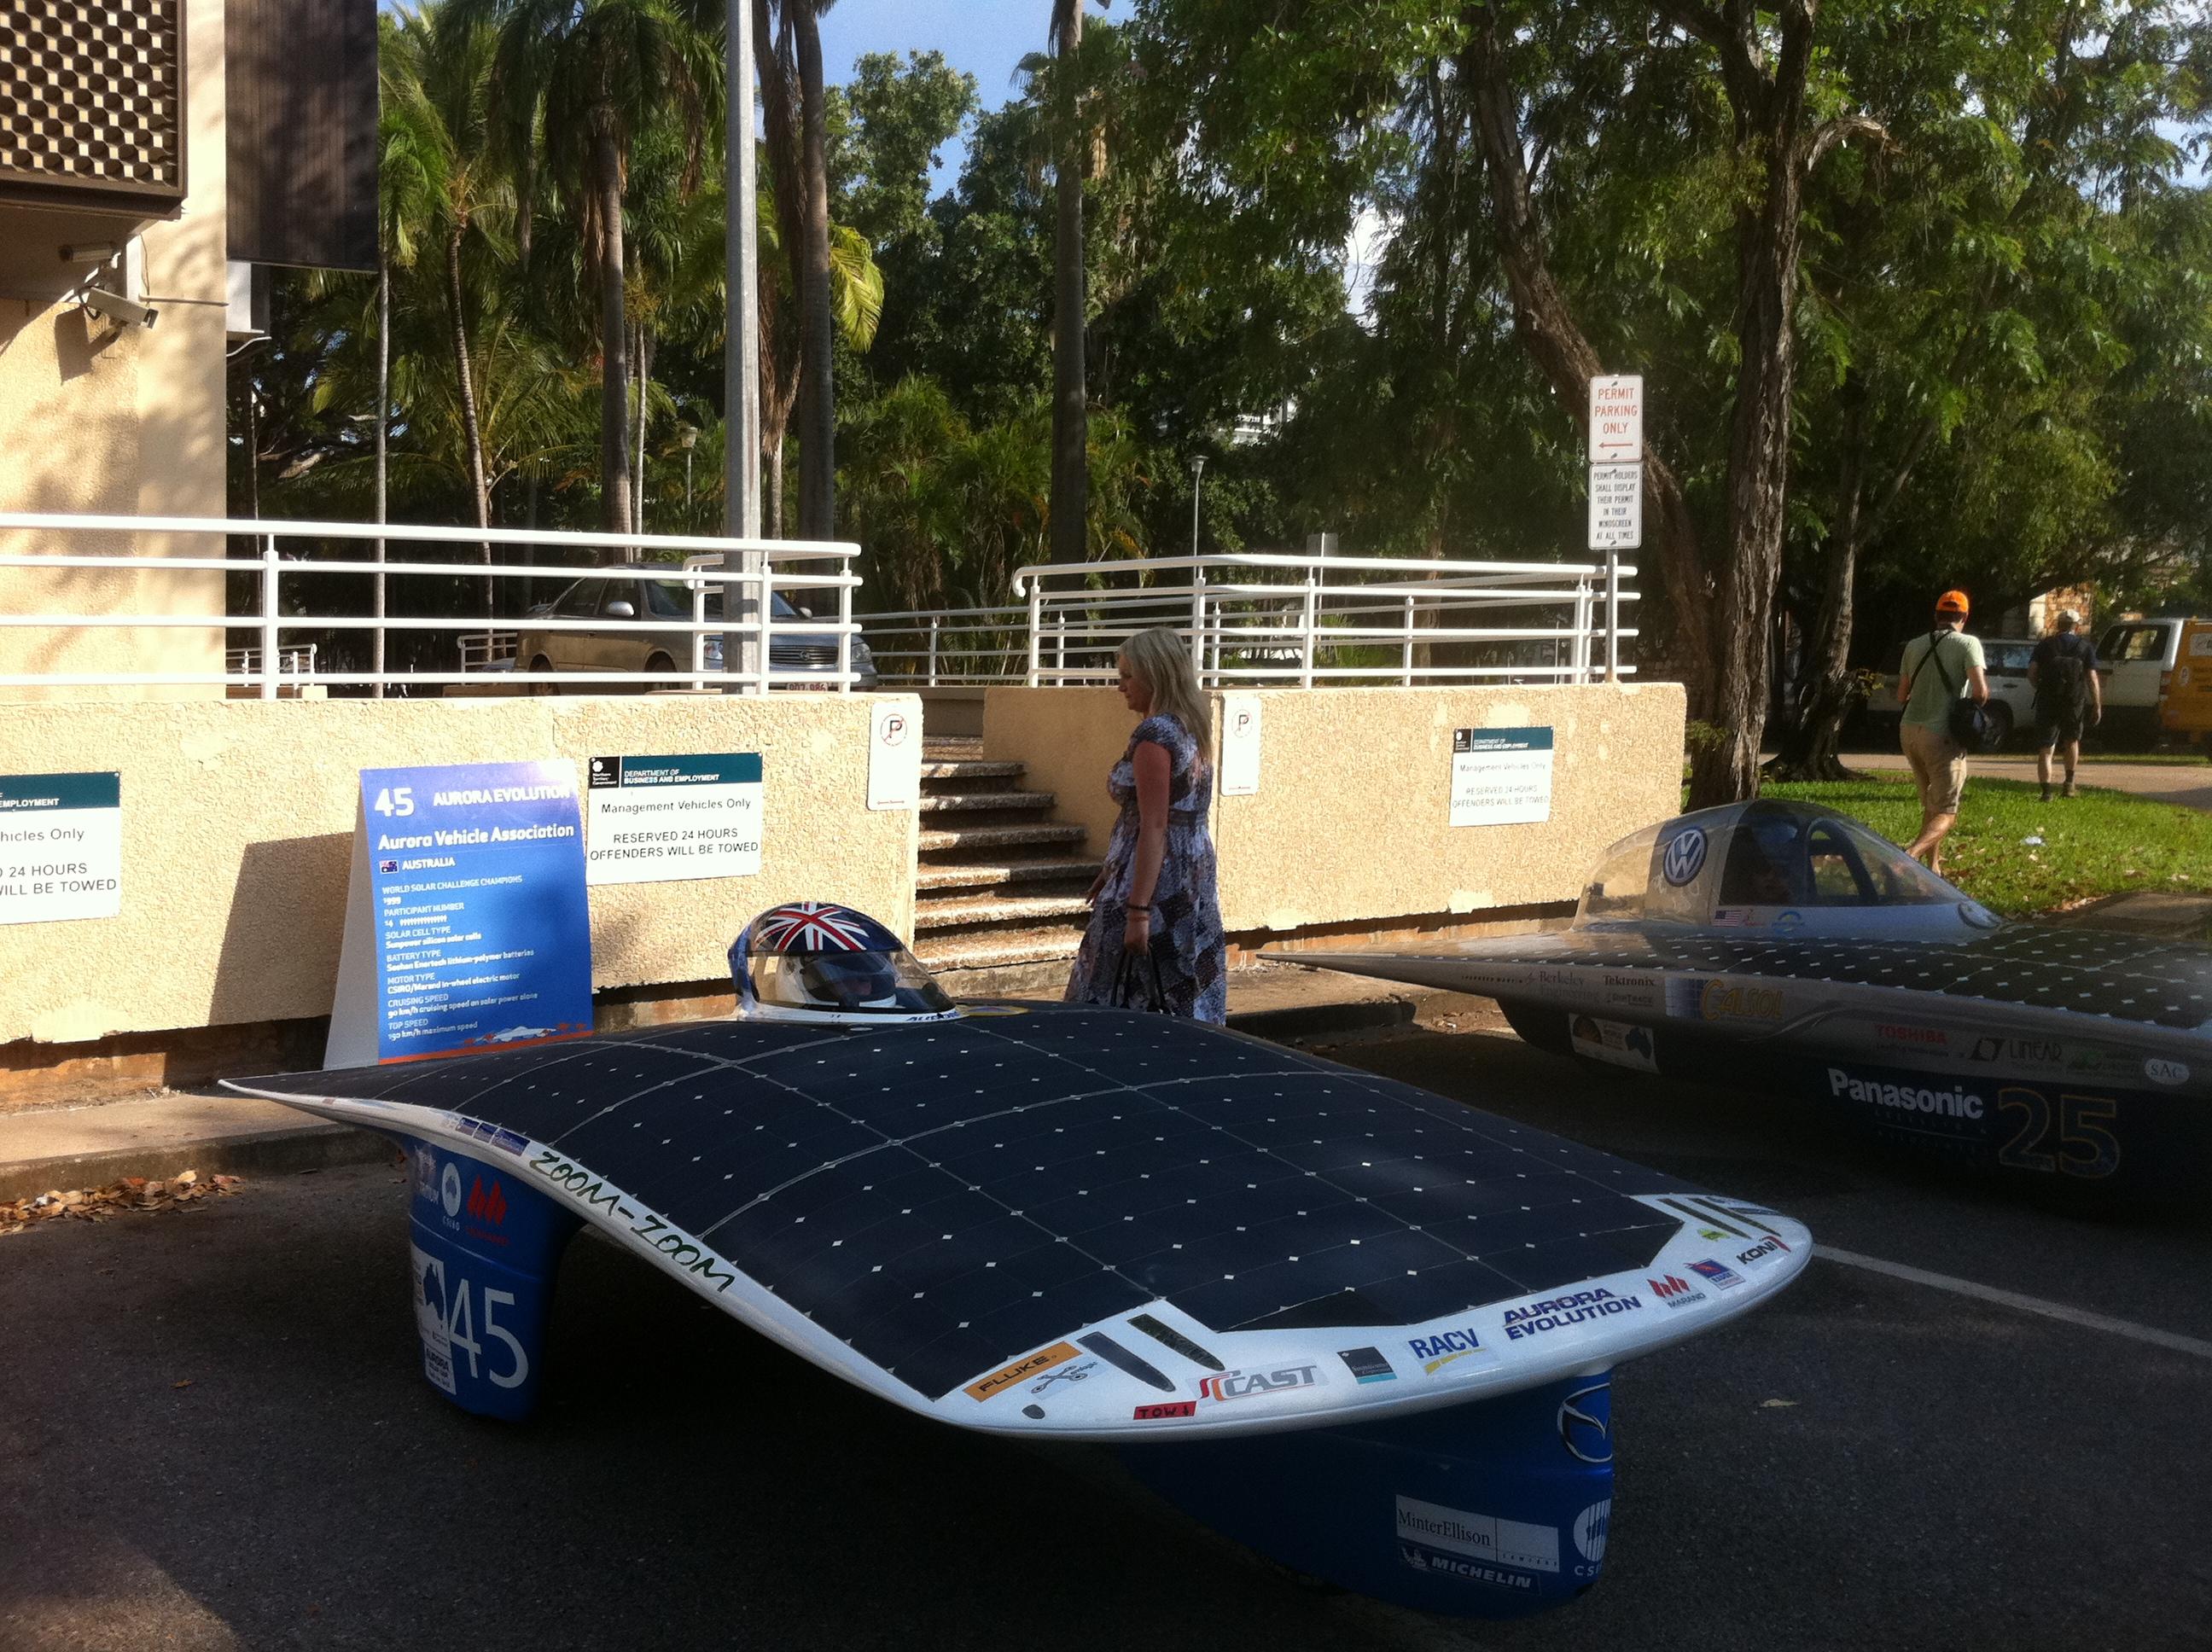 World Solar Challenge 2011 Darwin Australia Aurora Vehicle Association's Aurora Evolution